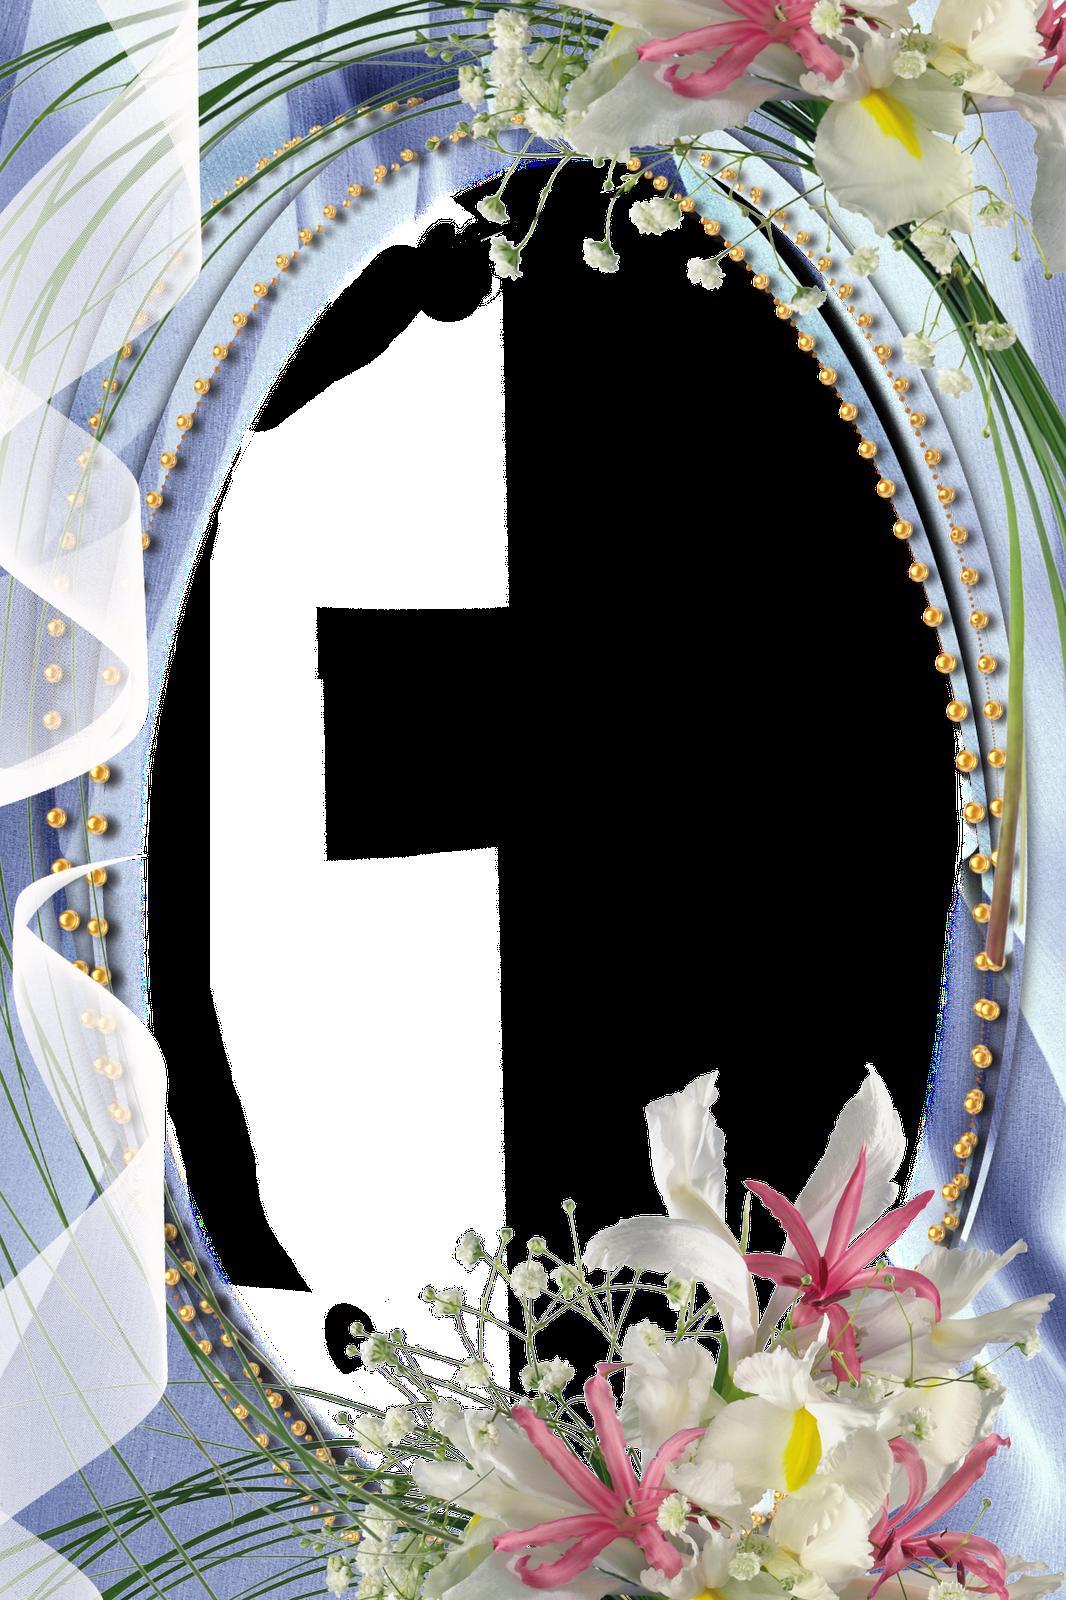 براويز واطارات. 2017 , اطارات , براويز , جديده , رائعه واطارات رهيبة وجميلة ونادرة على شكل قلوب ود 2013_1380748535_318.